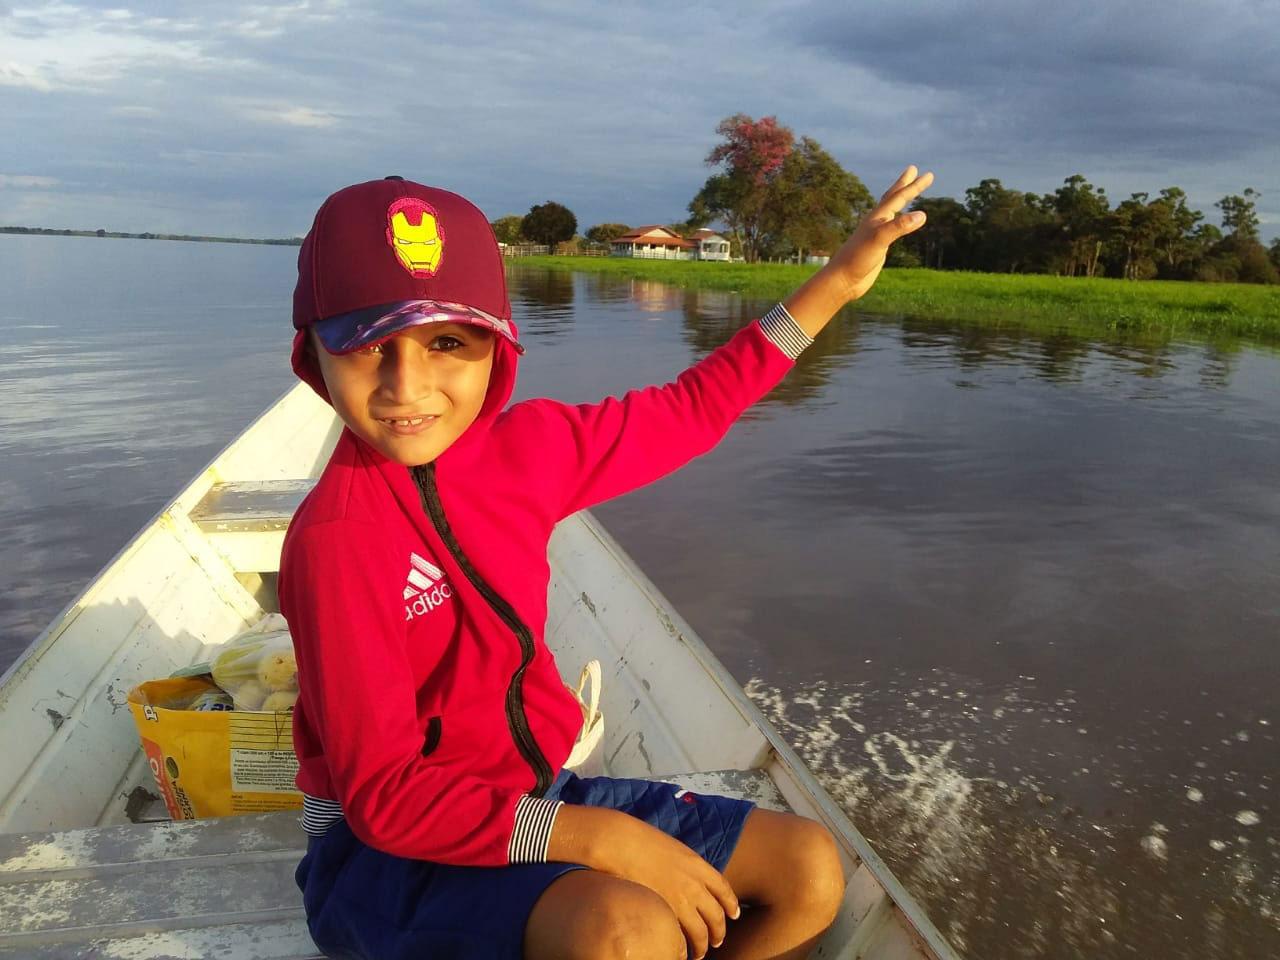 menino dentro canoa navegando rio